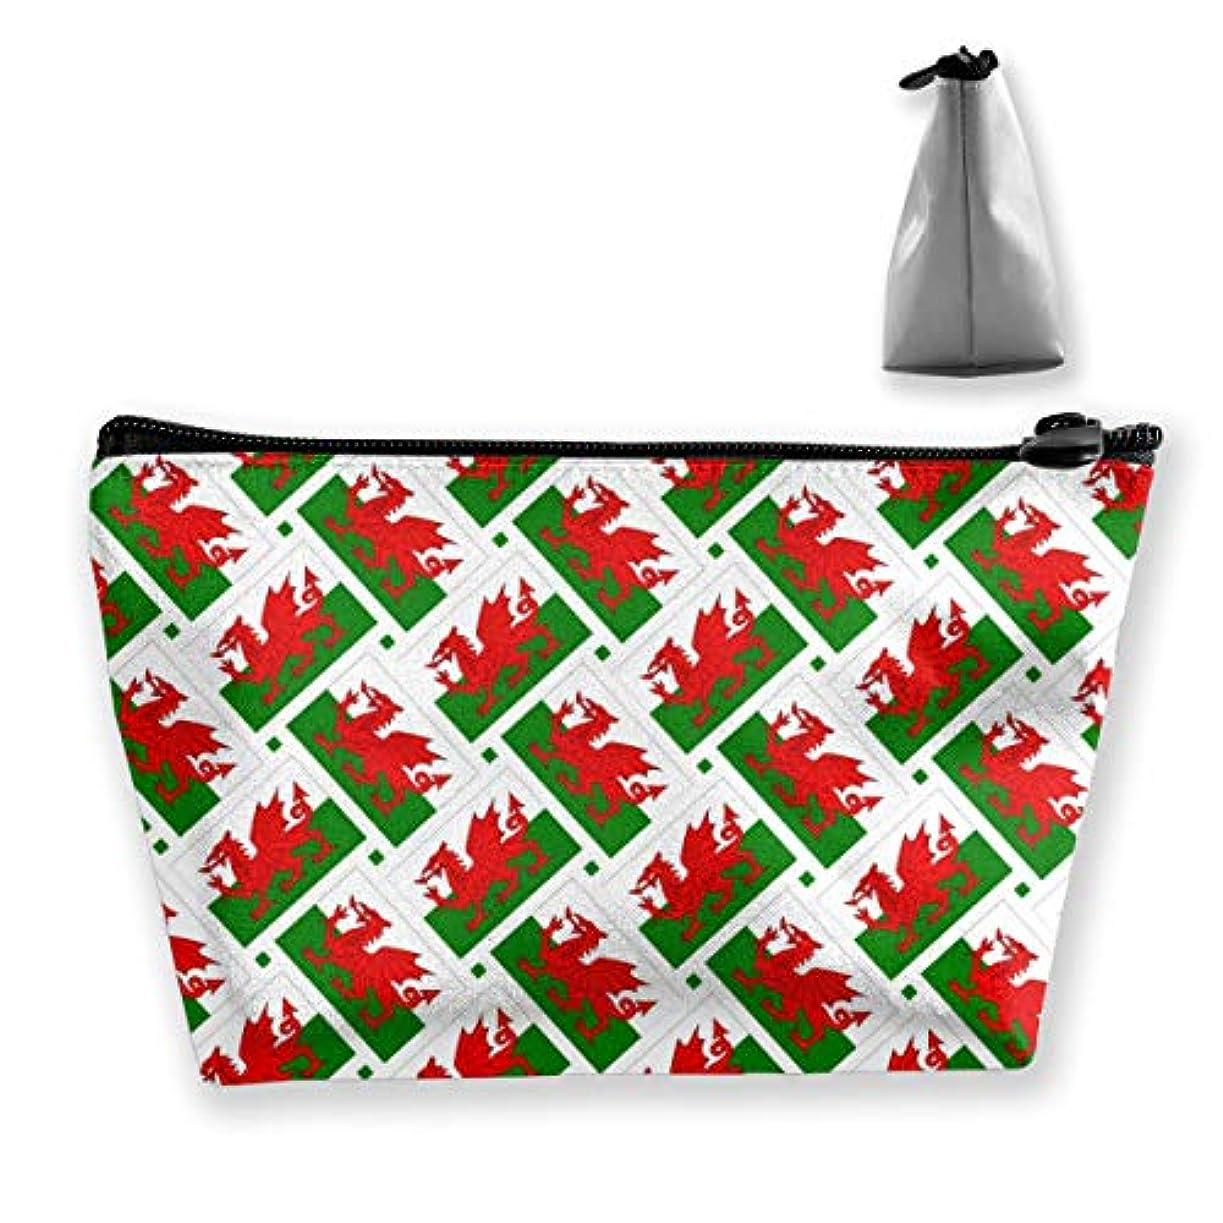 カタログオペラ北極圏ウェールズの旗 化粧ポーチ メイクポーチ ミニ 財布 機能的 大容量 ポータブル 収納 小物入れ 普段使い 出張 旅行 ビーチサイド旅行